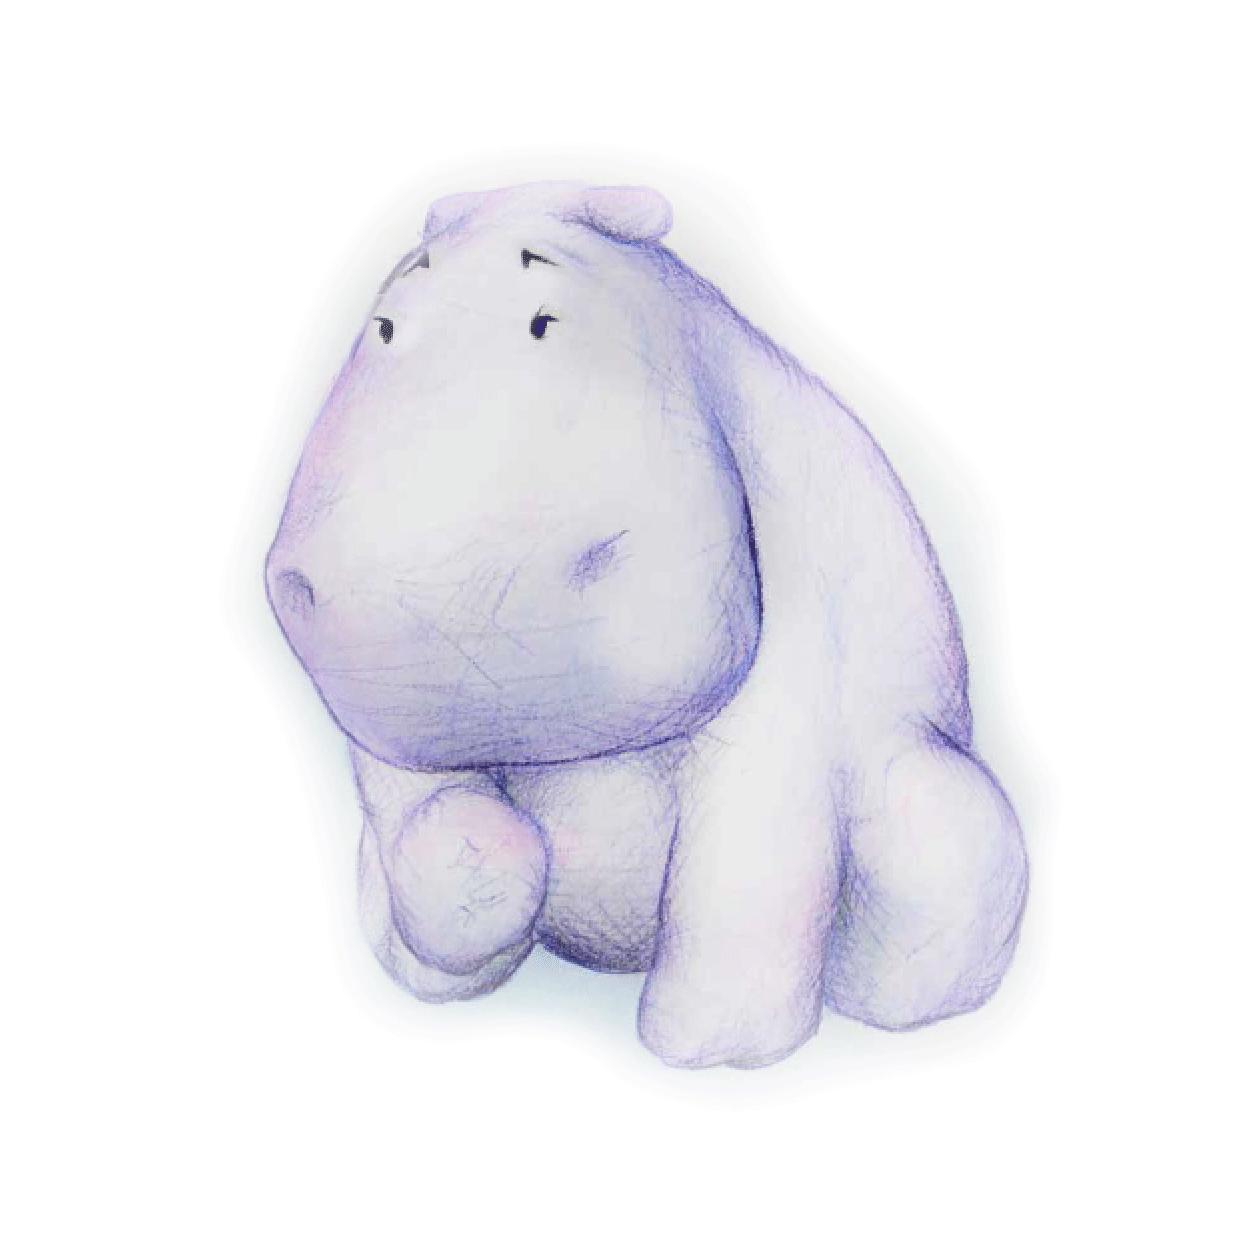 Pippo the Hippo